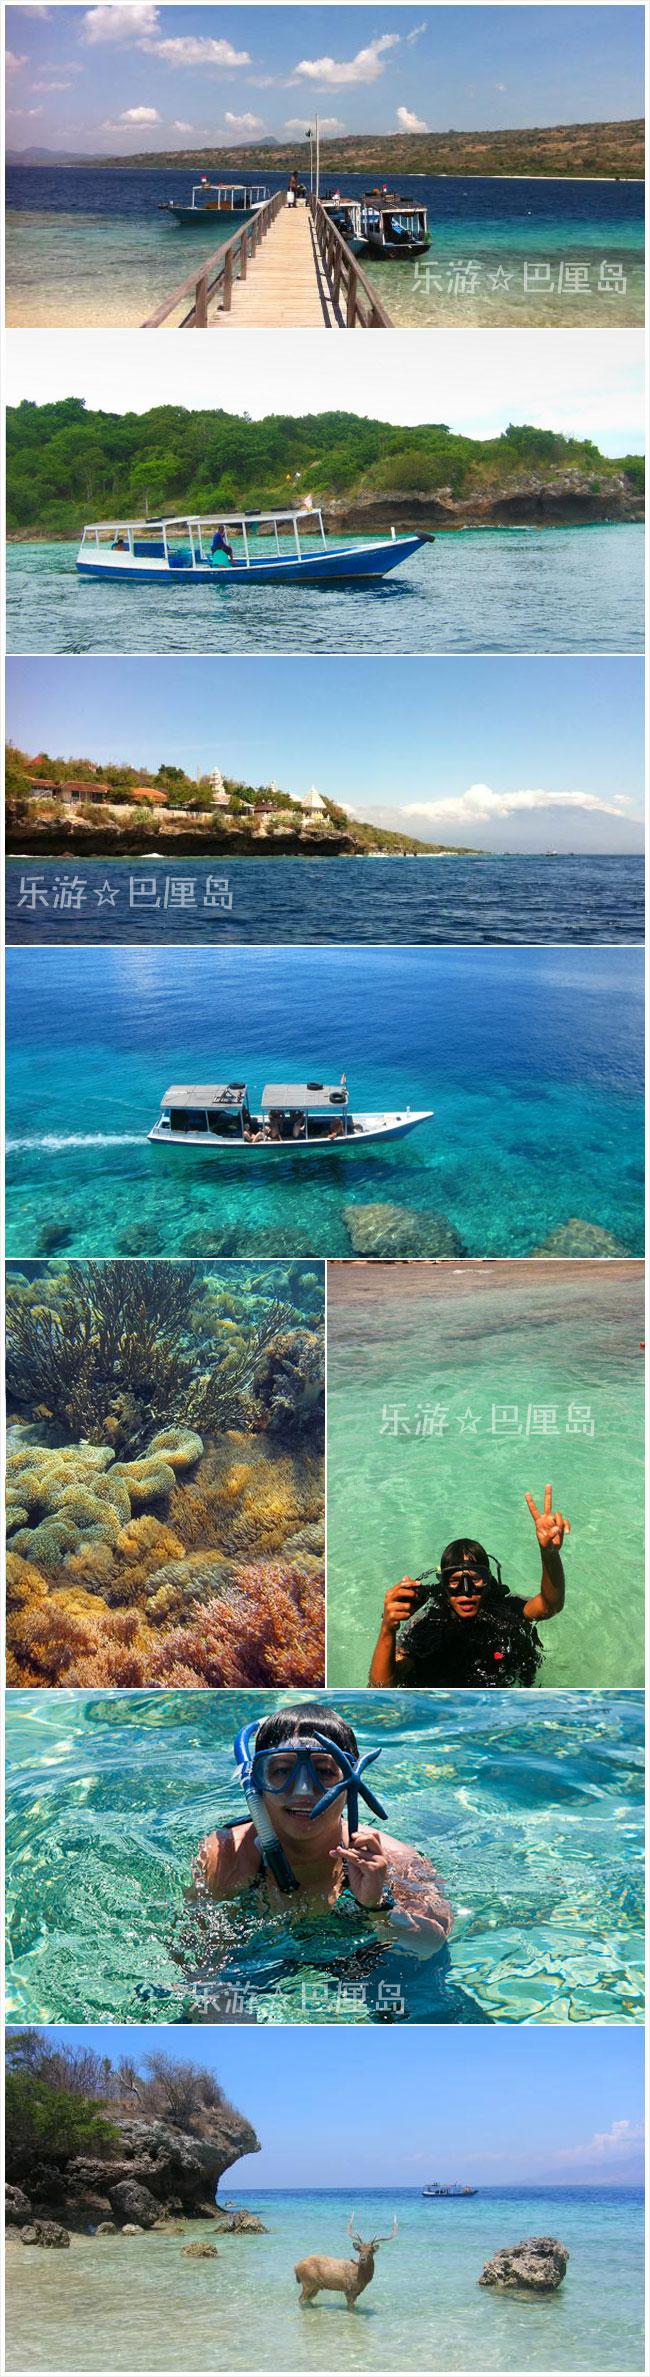 巴厘岛自由行鹿岛(Menjangan island 孟嘉干岛)深潜/浮潜/潜水一日游.jpg